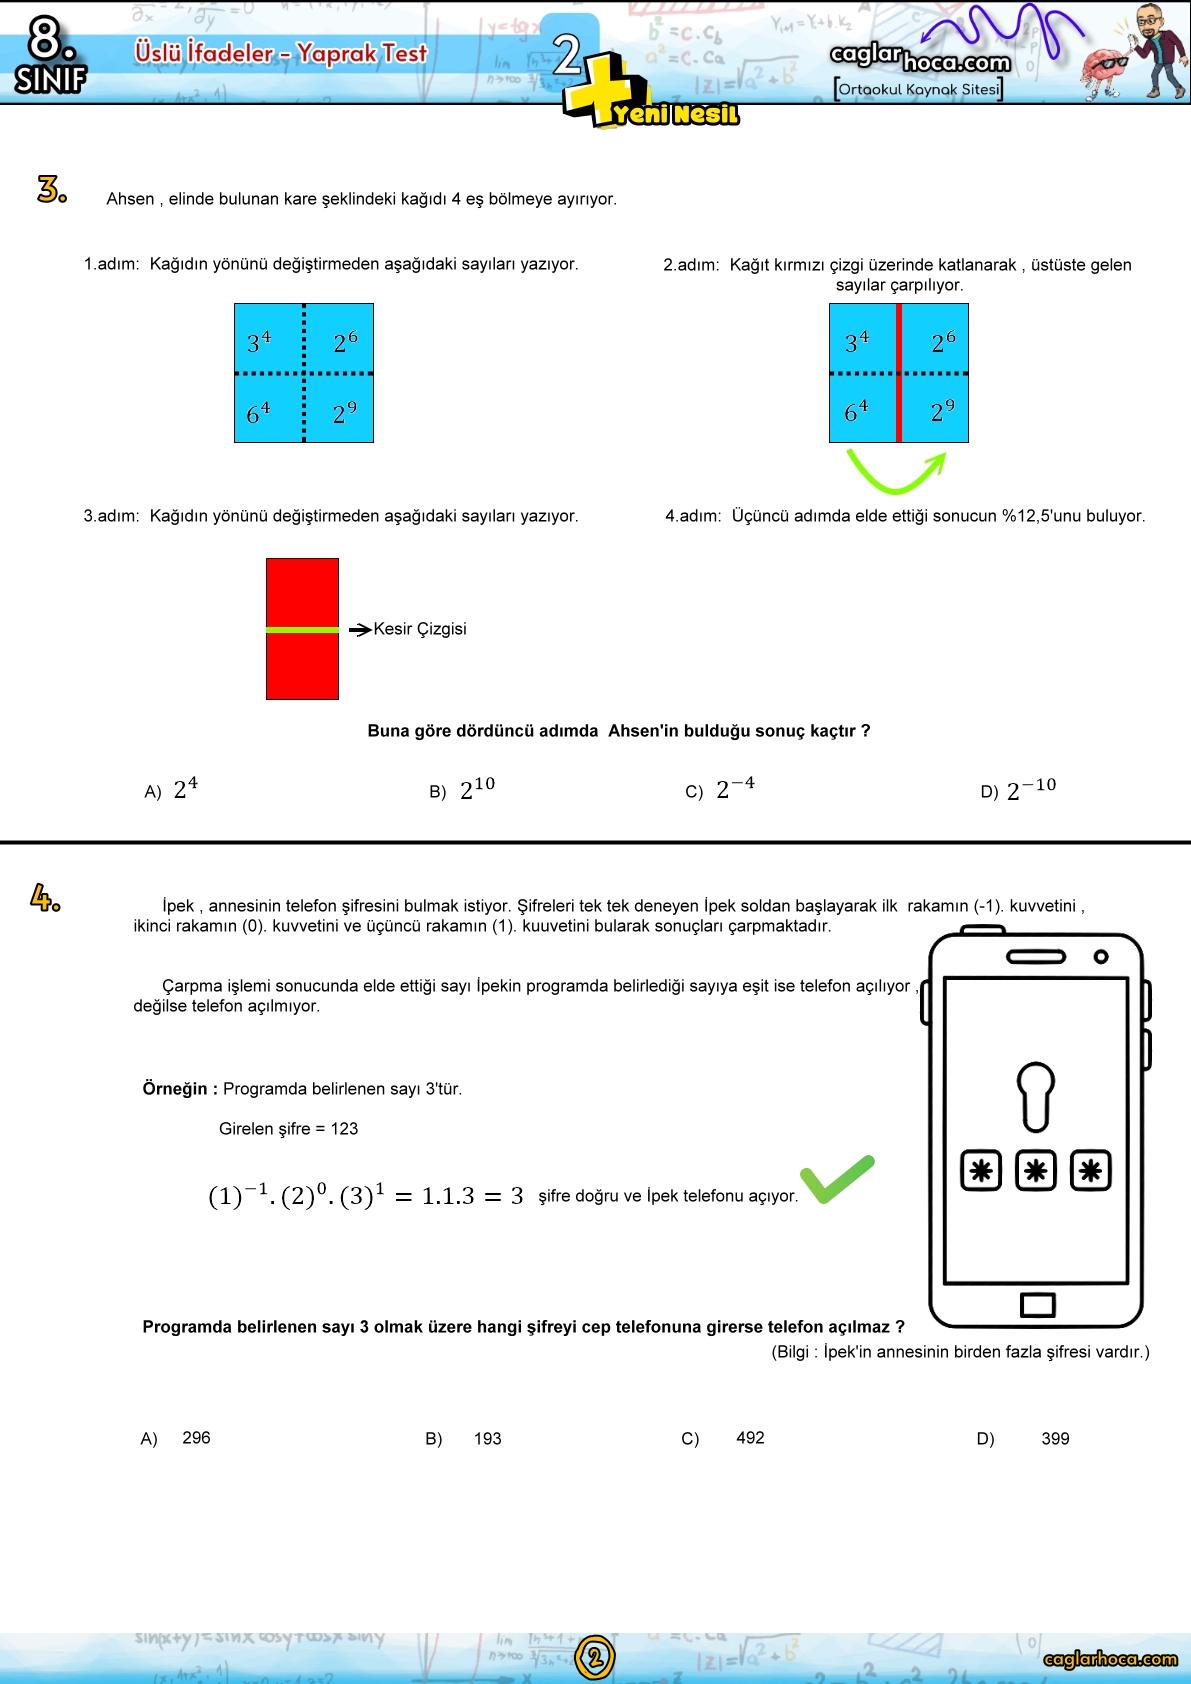 üslü sayılar,üslü sayılar konu anlatımı,üslü sayılar soru çözümü,üslü sayilar,lgs üslü sayılar,üslü ifadeler,üslü sayılar 8. sınıf,üslü sayılarda sıralama,üslü sayilar soru çözümü